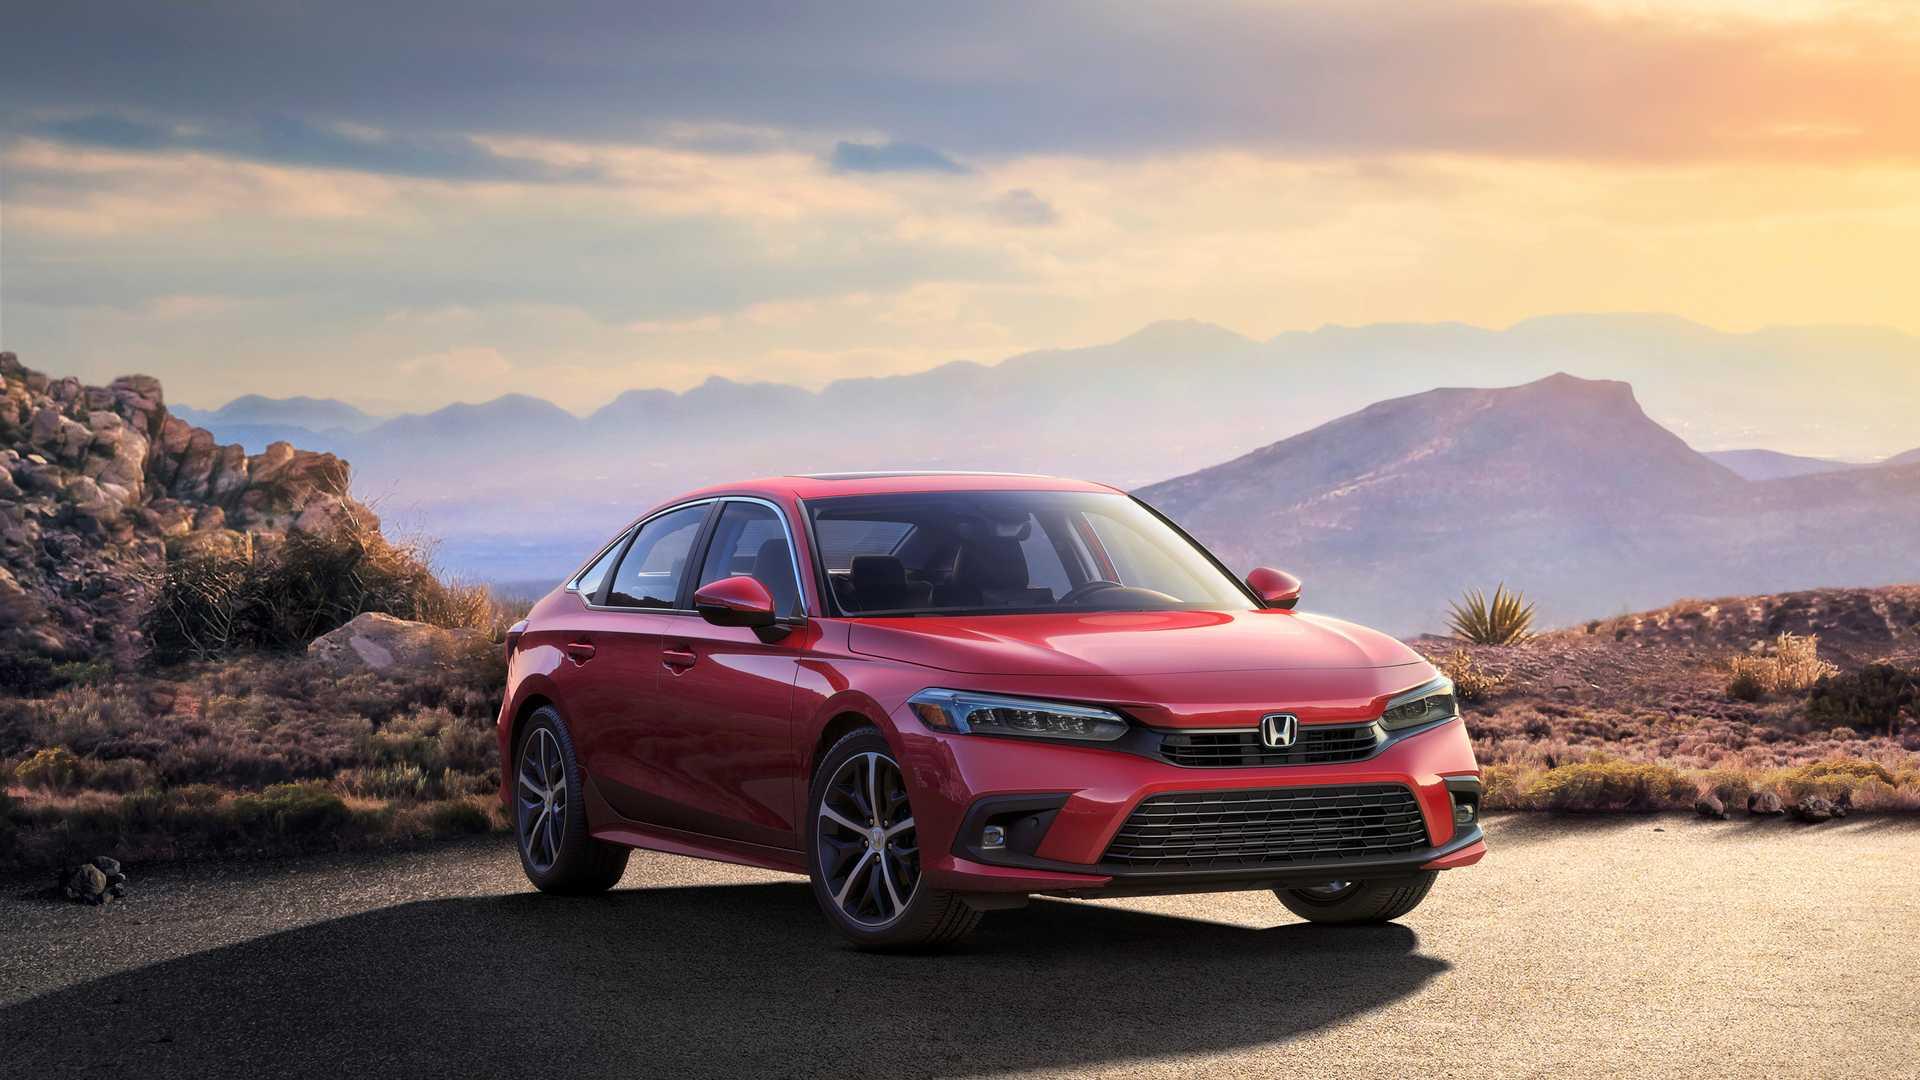 Первый снимок экстерьера нового Honda Civic был опубликован пару недель назад, теперь же производитель раскрыл все подробности.